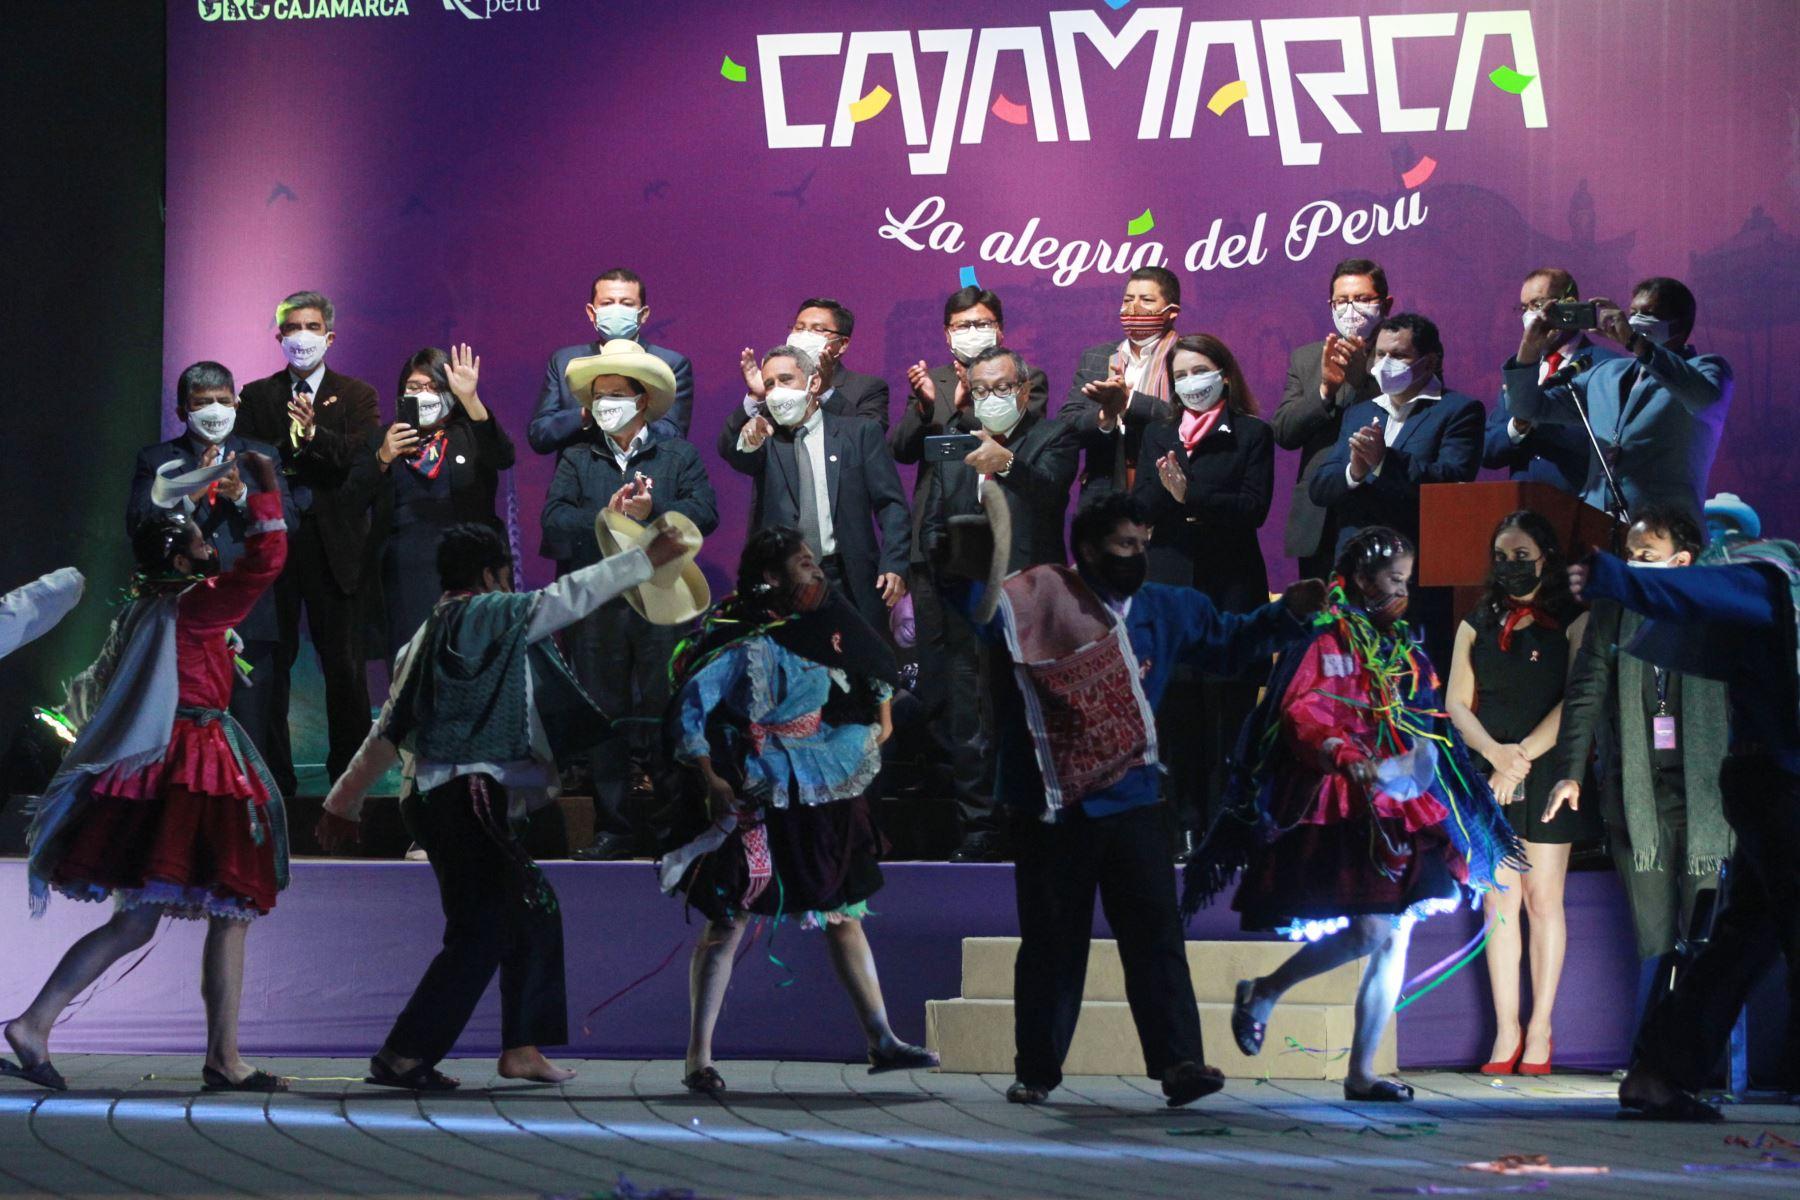 El presidente electo, Pedro Castillo, asistió esta noche al lanzamiento de la Marca Cajamarca, evento que tiene como objetivo promocionar diversos atractivos turísticos que tiene el país.Foto: ANDINA/Jhony Laurente